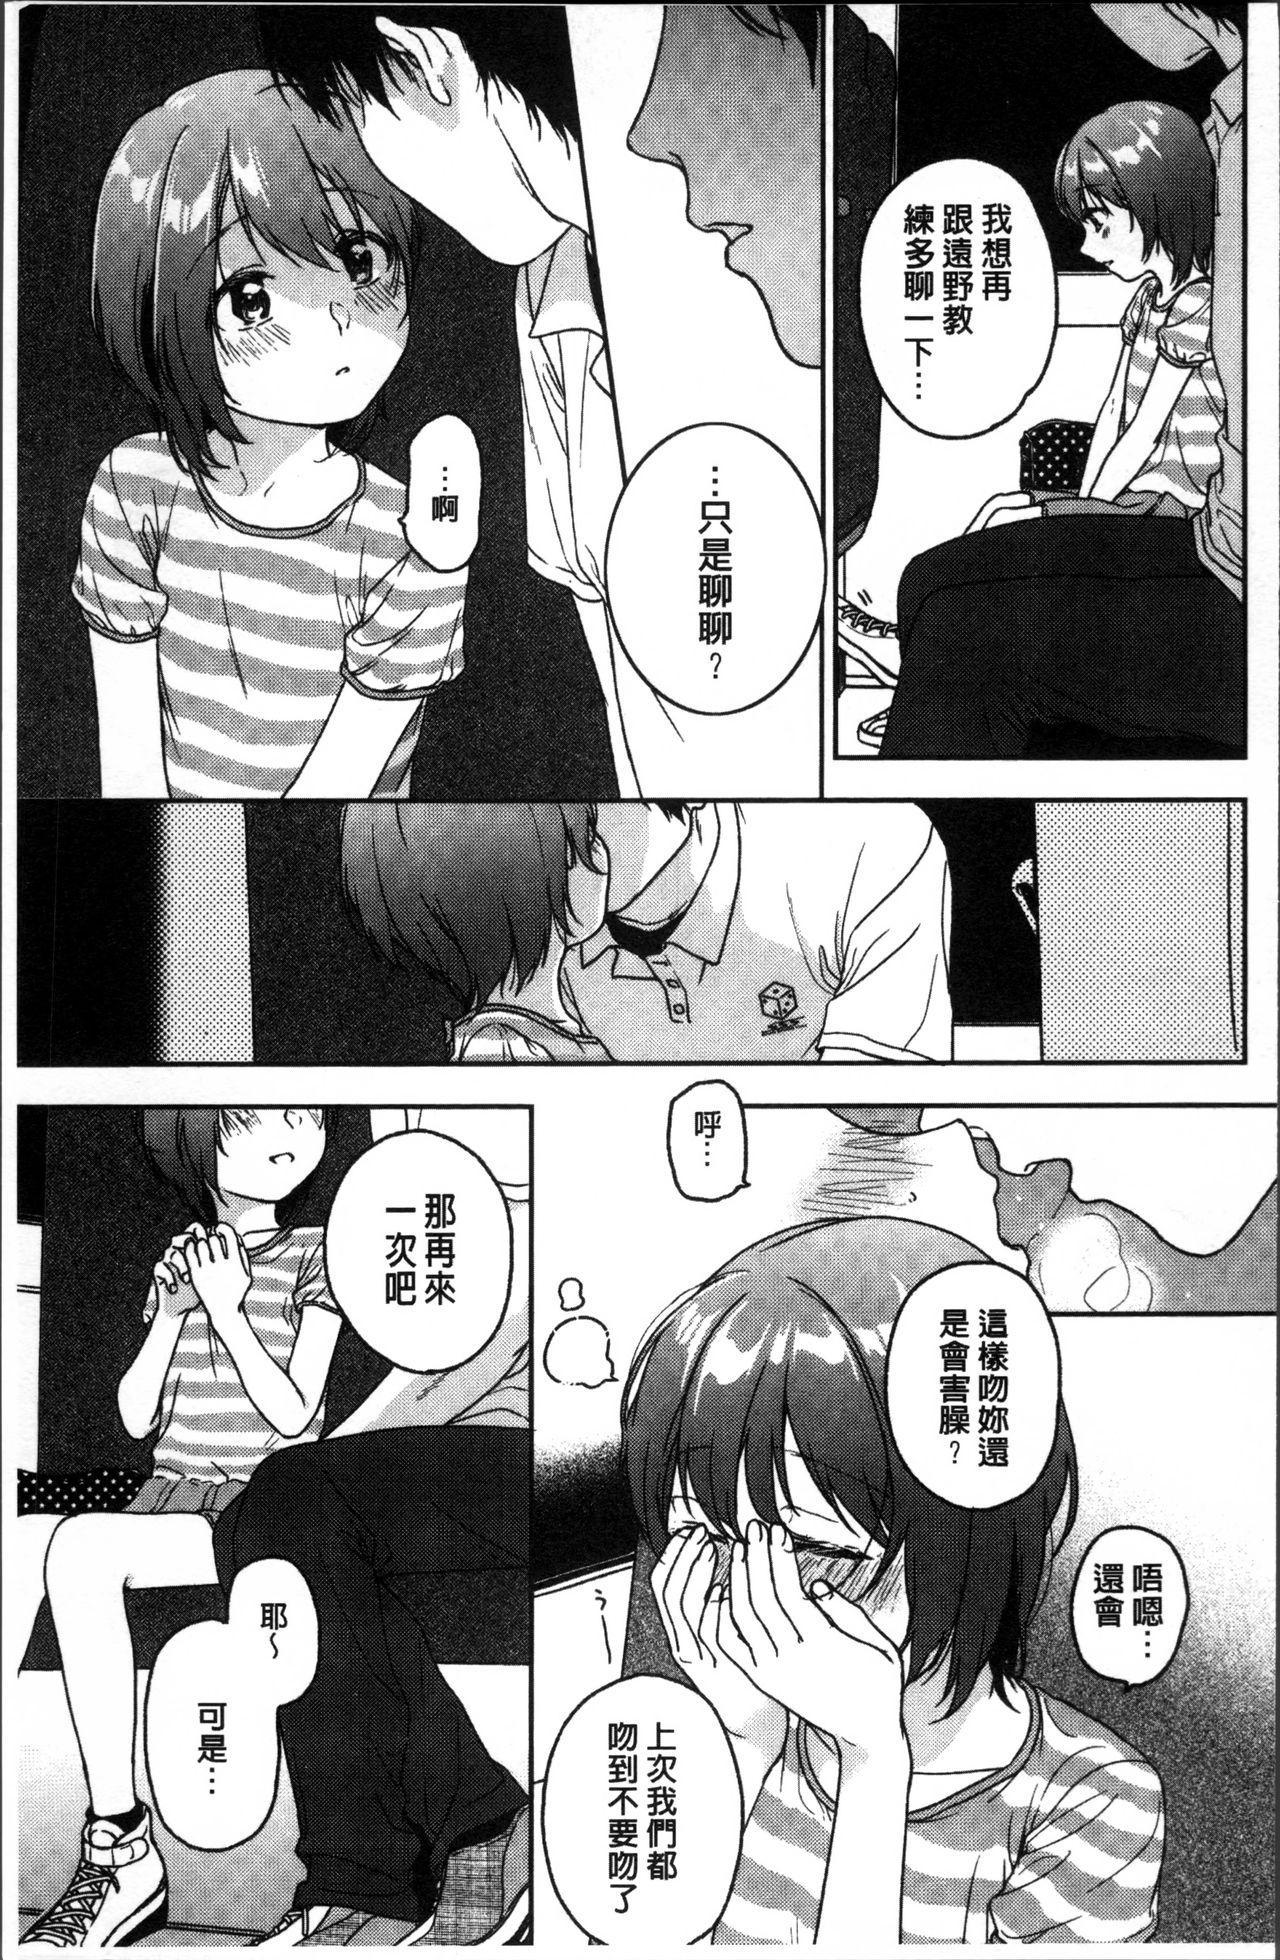 Kanojo no Setsuna 160